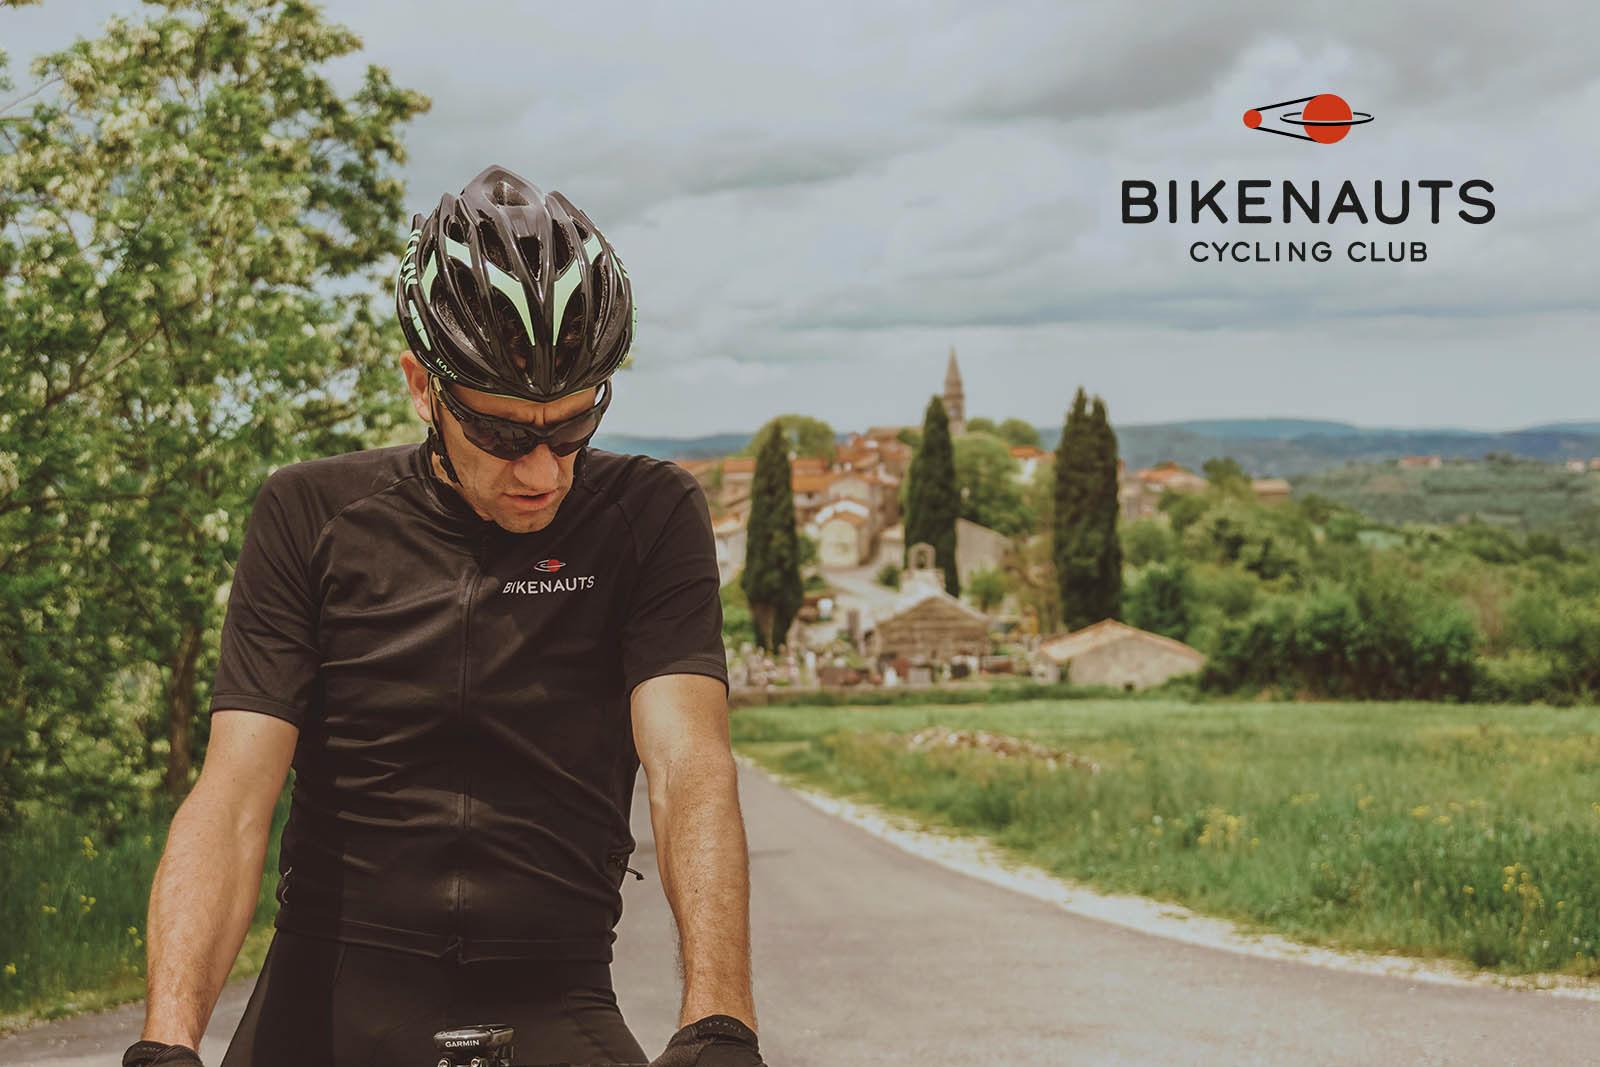 bikenauts_intro.jpg